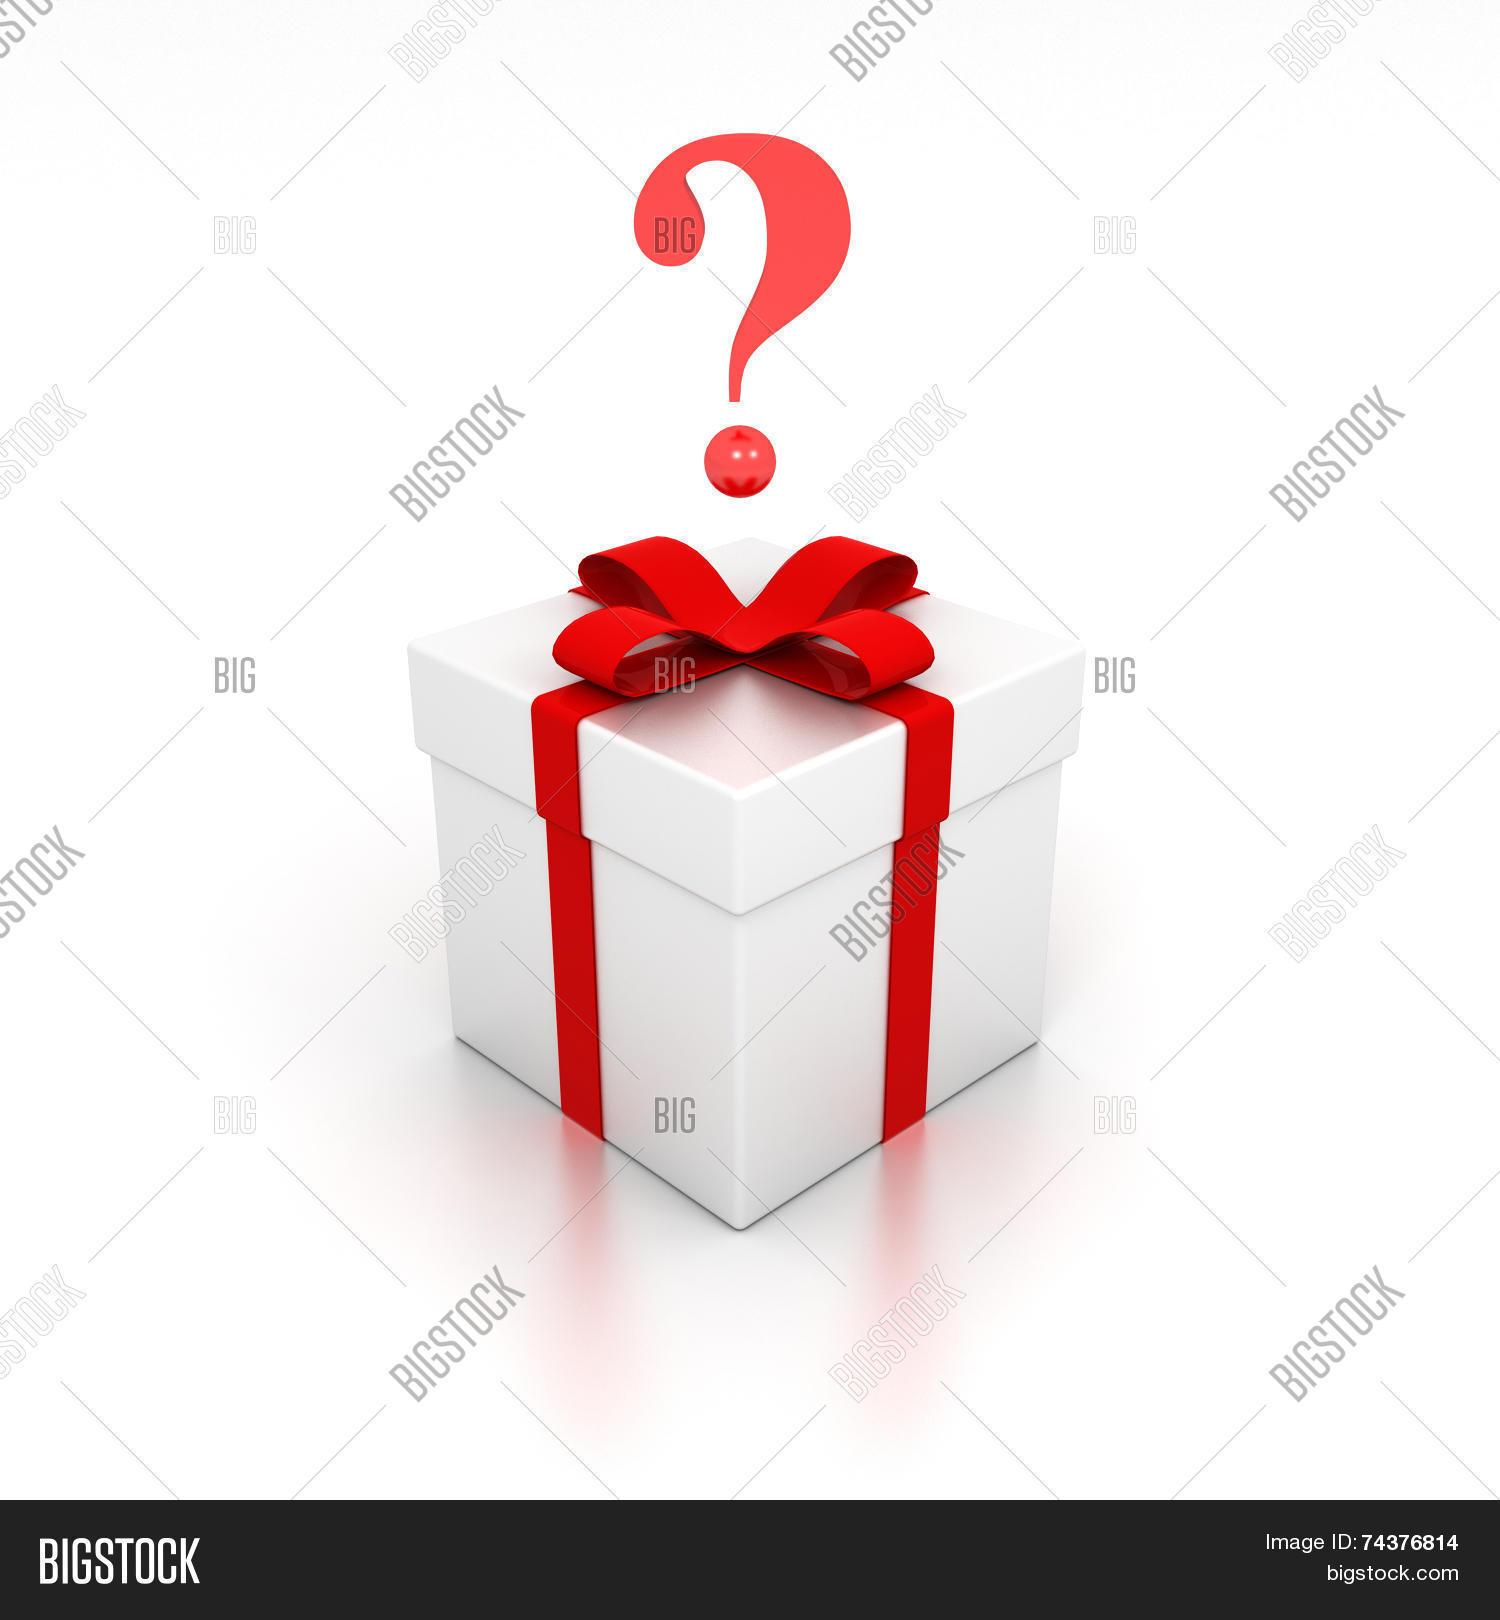 Викторина по сказке Подарки феи - тест онлайн игра - вопросы с 40